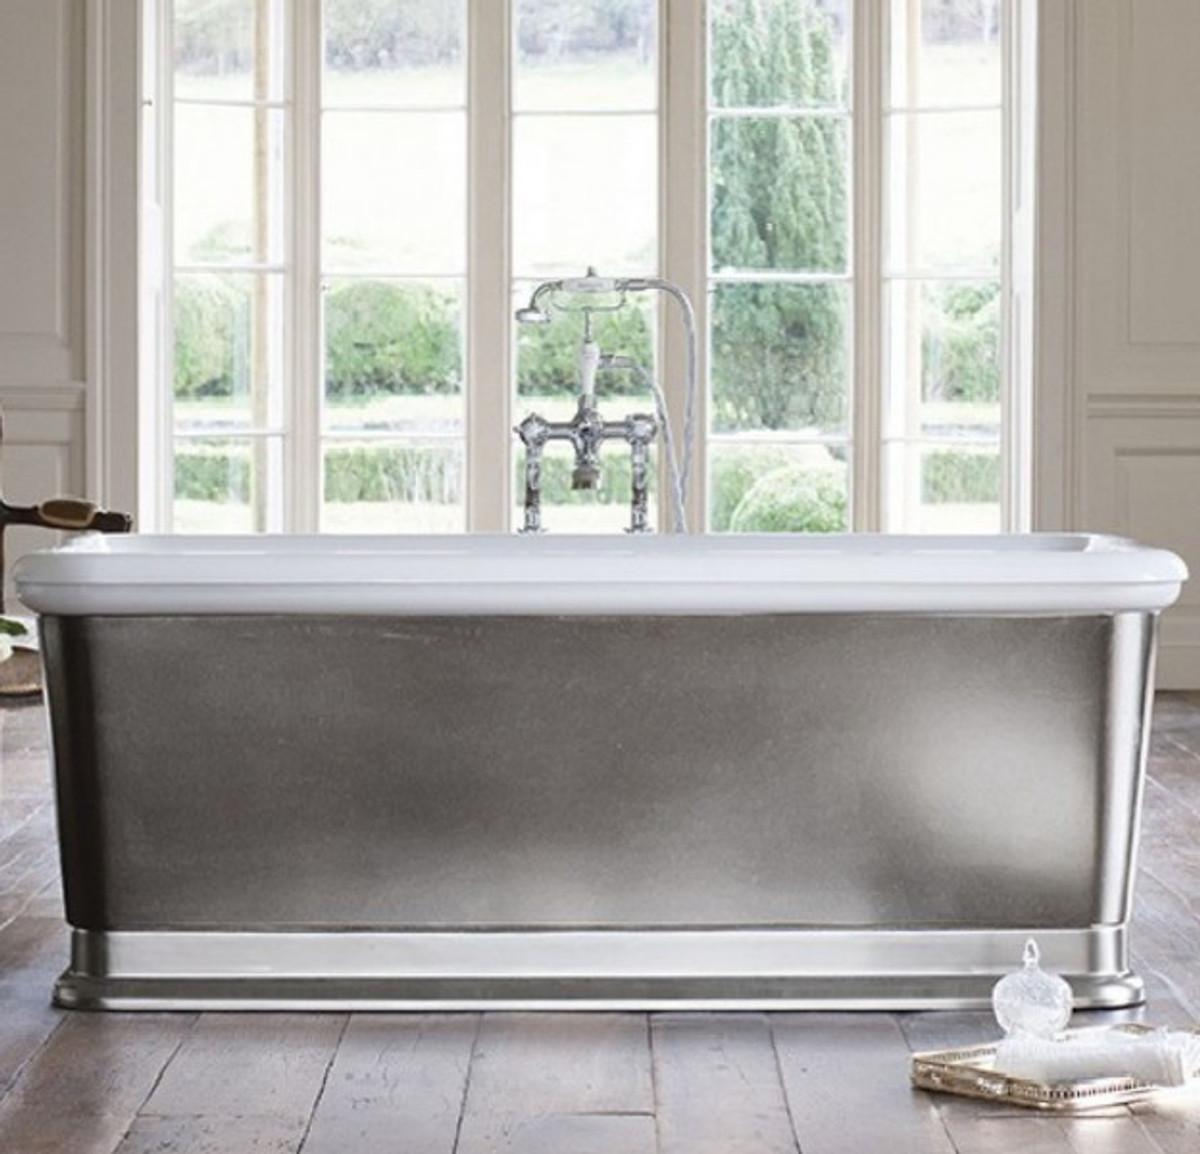 Freistehende Badewanne Antik casa padrino badewanne freistehend rechteckig 1800mm blon silber